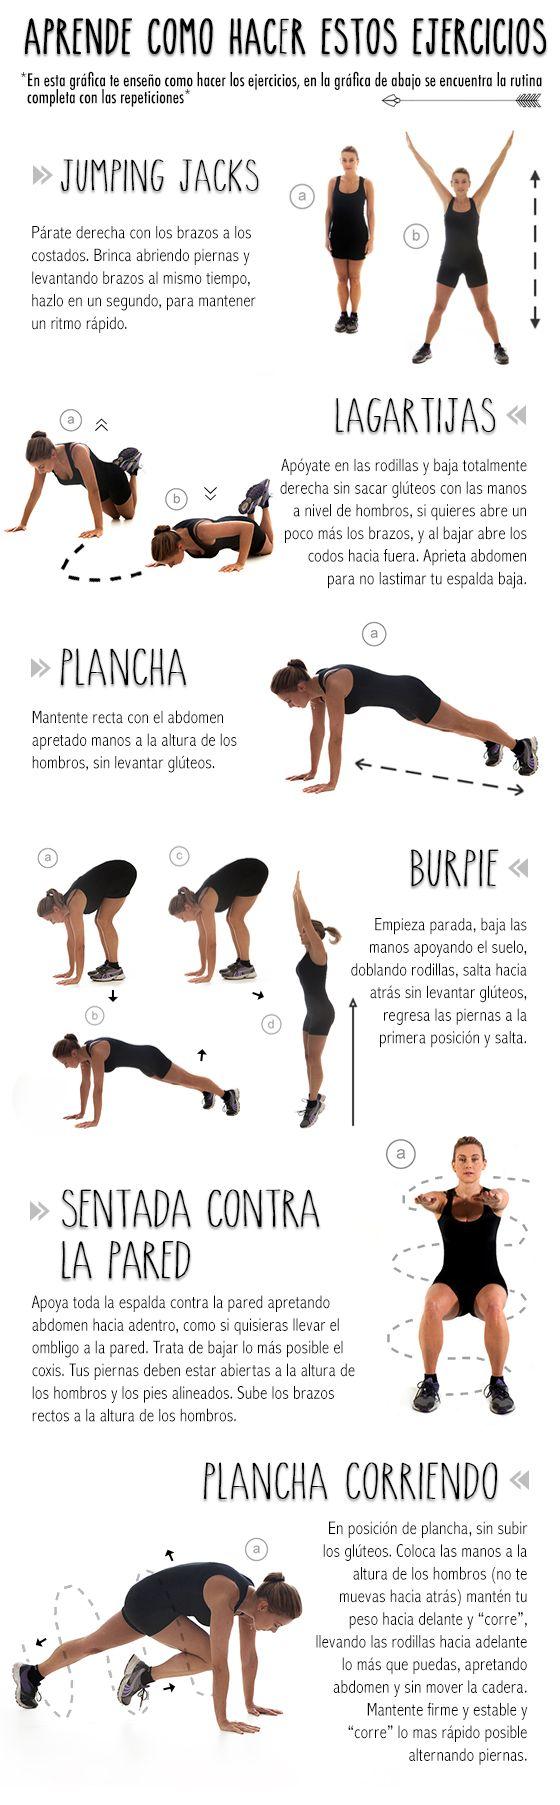 • APRENDE COMO HACER ESTOS EJERCICIOS • 1) jumping jacks. 2) lagatijas. 3) plancha. 4) burpie. 5) sentada contra la pared. 6) plancha corriendo.